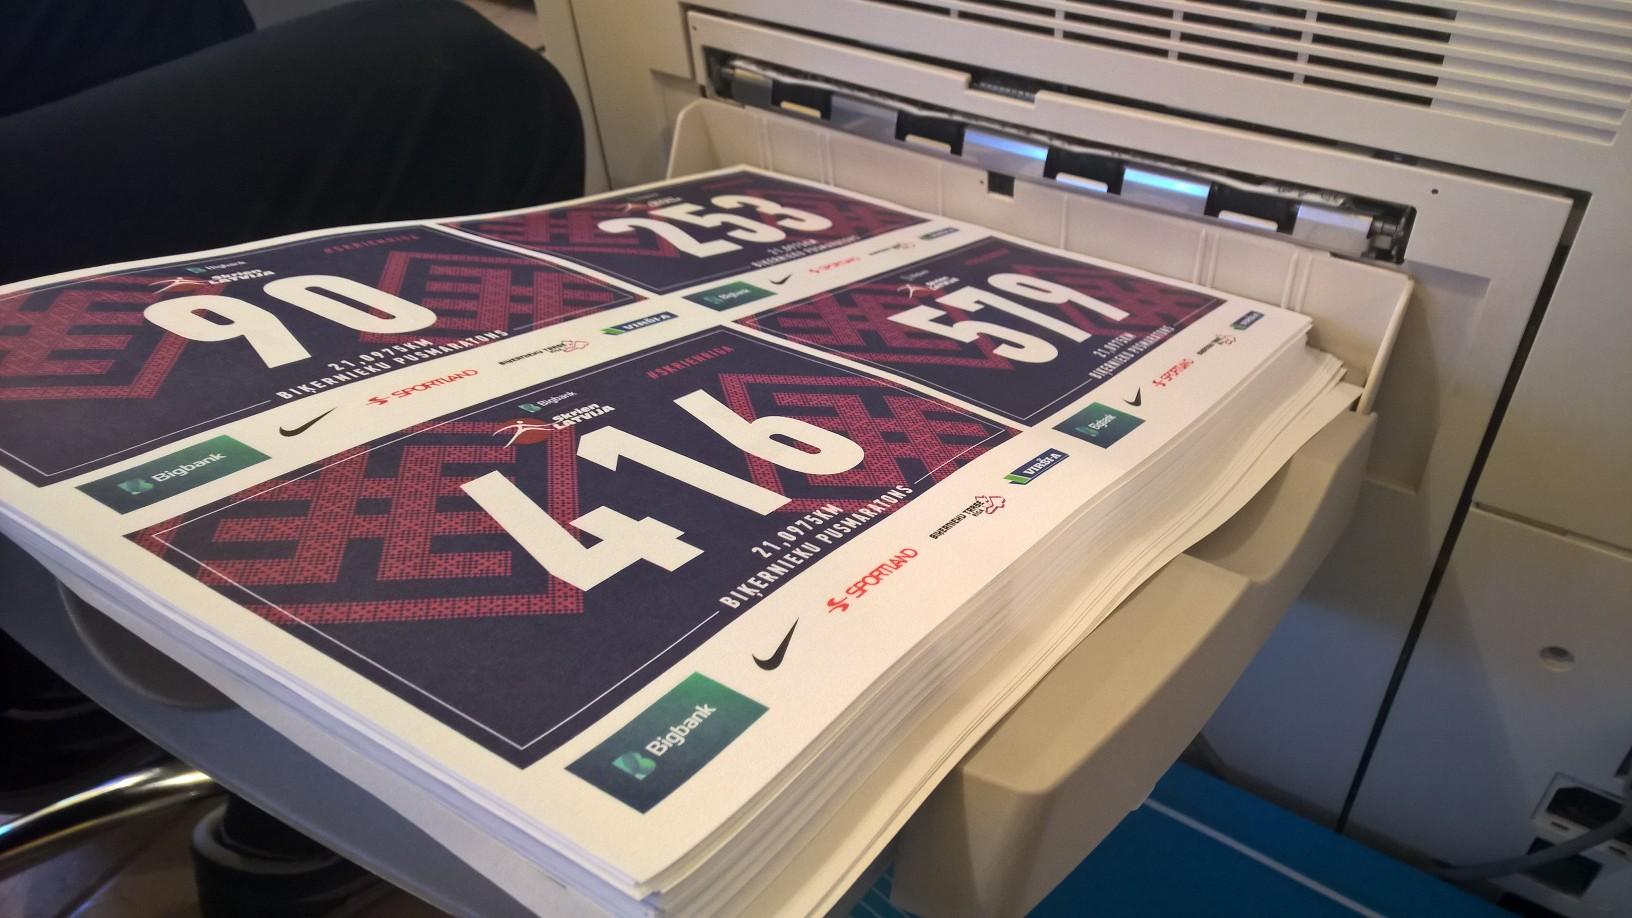 bib printing